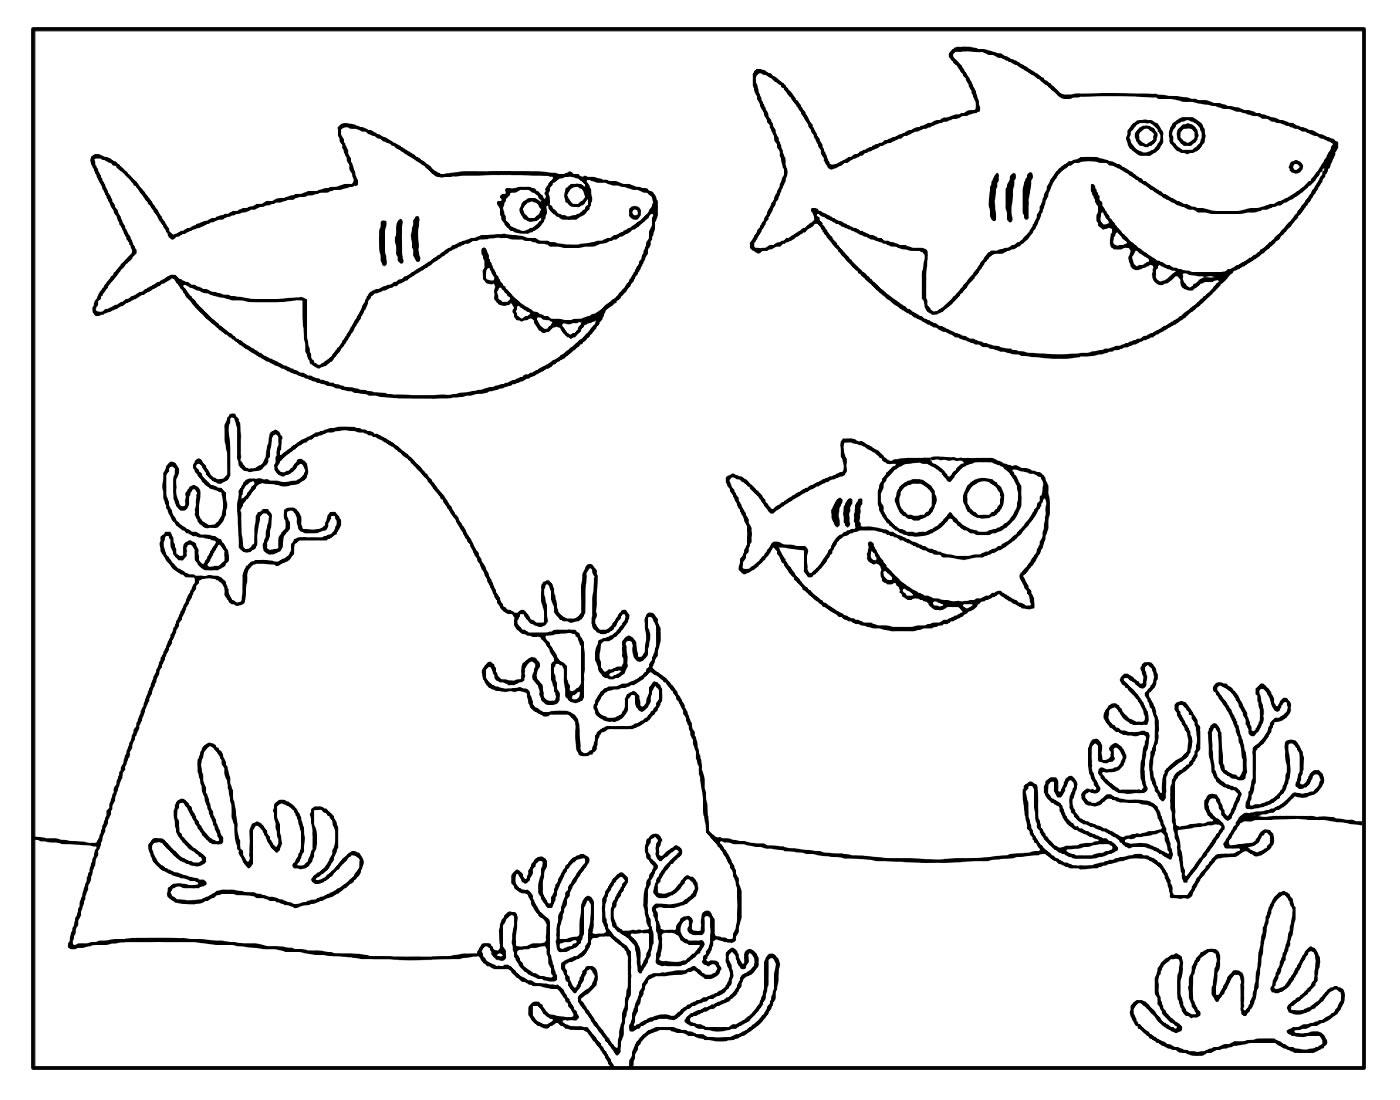 Desenho para colorir do Baby Shark